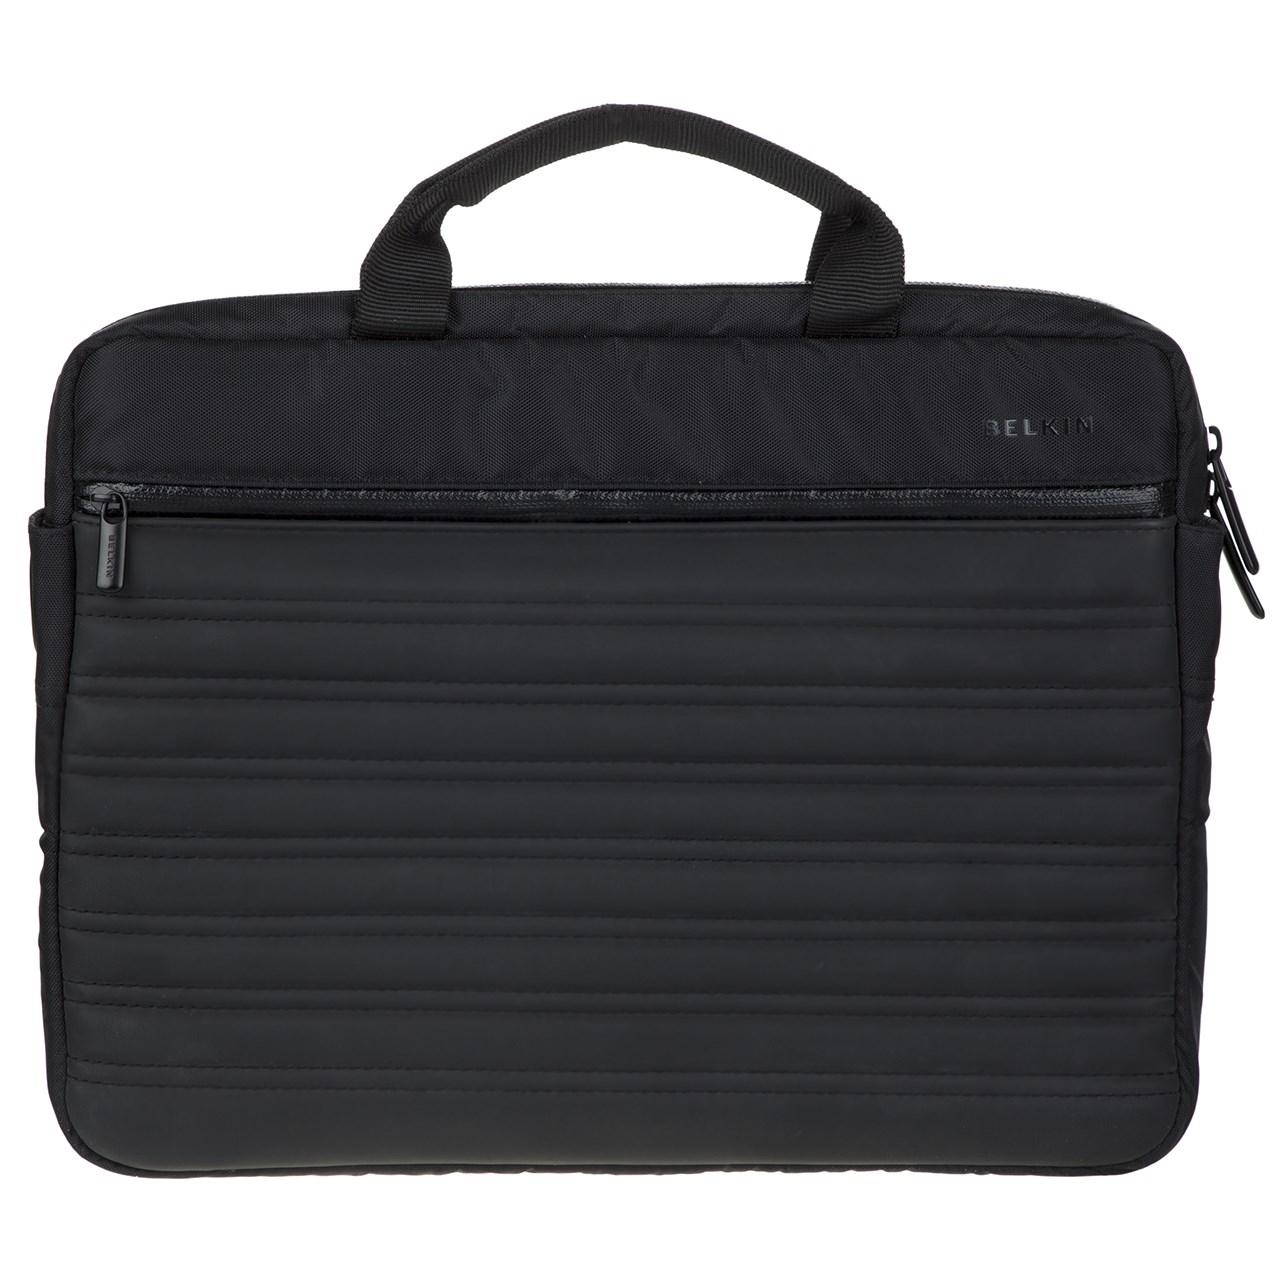 کیف لپ تاپ بلکین مدل F8N323 مناسب برای لپ تاپ 12.2 اینچی